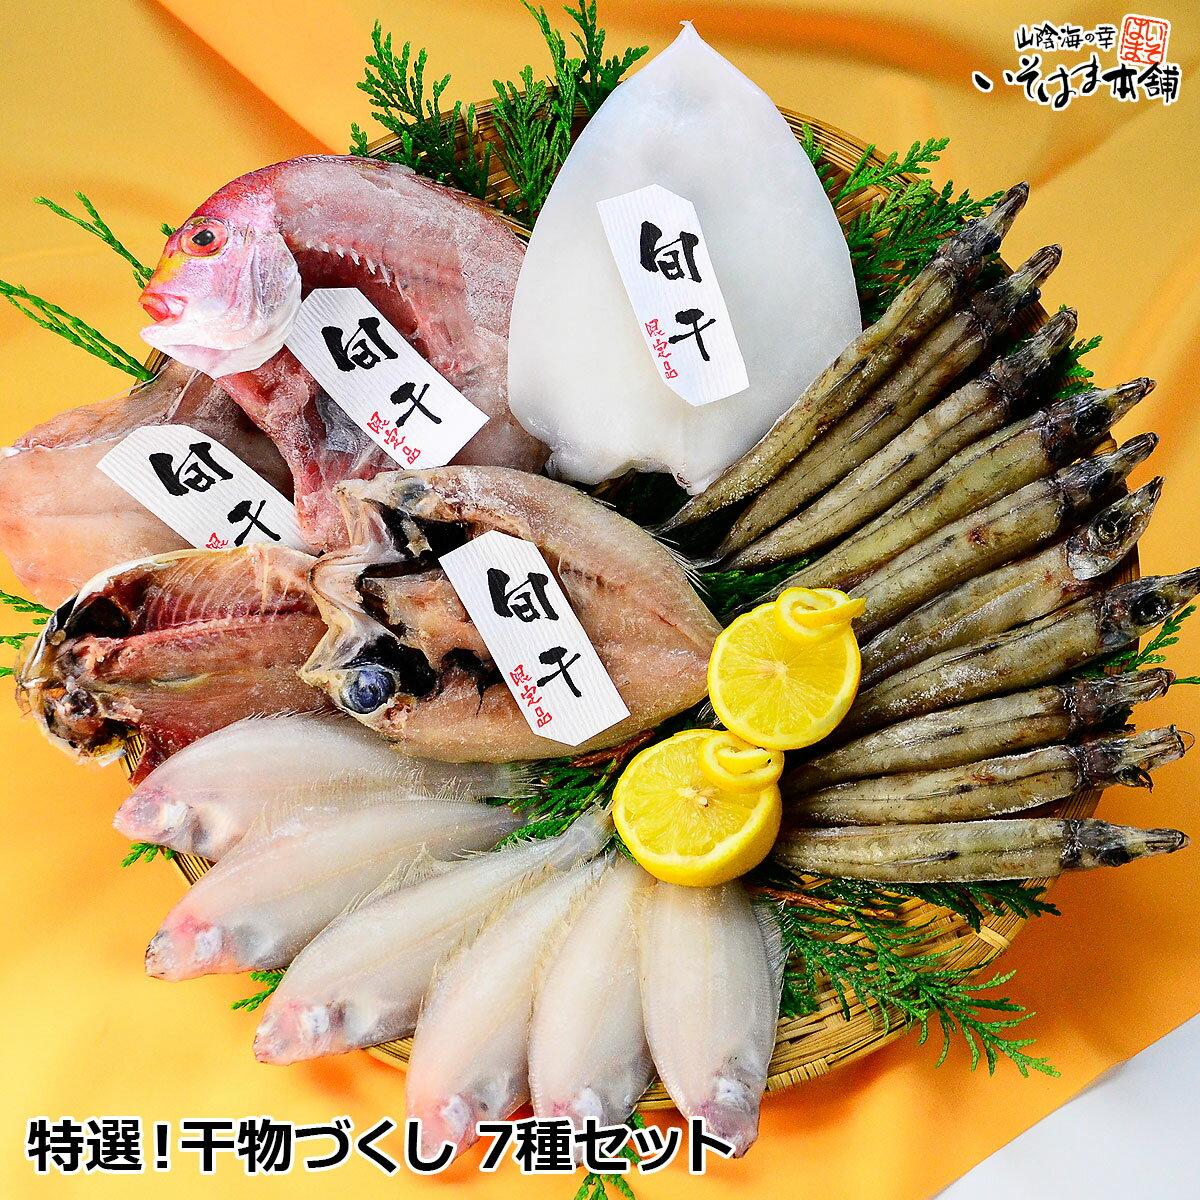 のどぐろ・連子鯛・いか・かれい・ウマヅラハギ・アジ・沖キスの7種類が全部で21枚、島根県産 国産 旬干し 干物 セットです。送料無料 お誕生日ギフト 内祝い 贈り物 贈答 ギフト グルメ お供 お土産